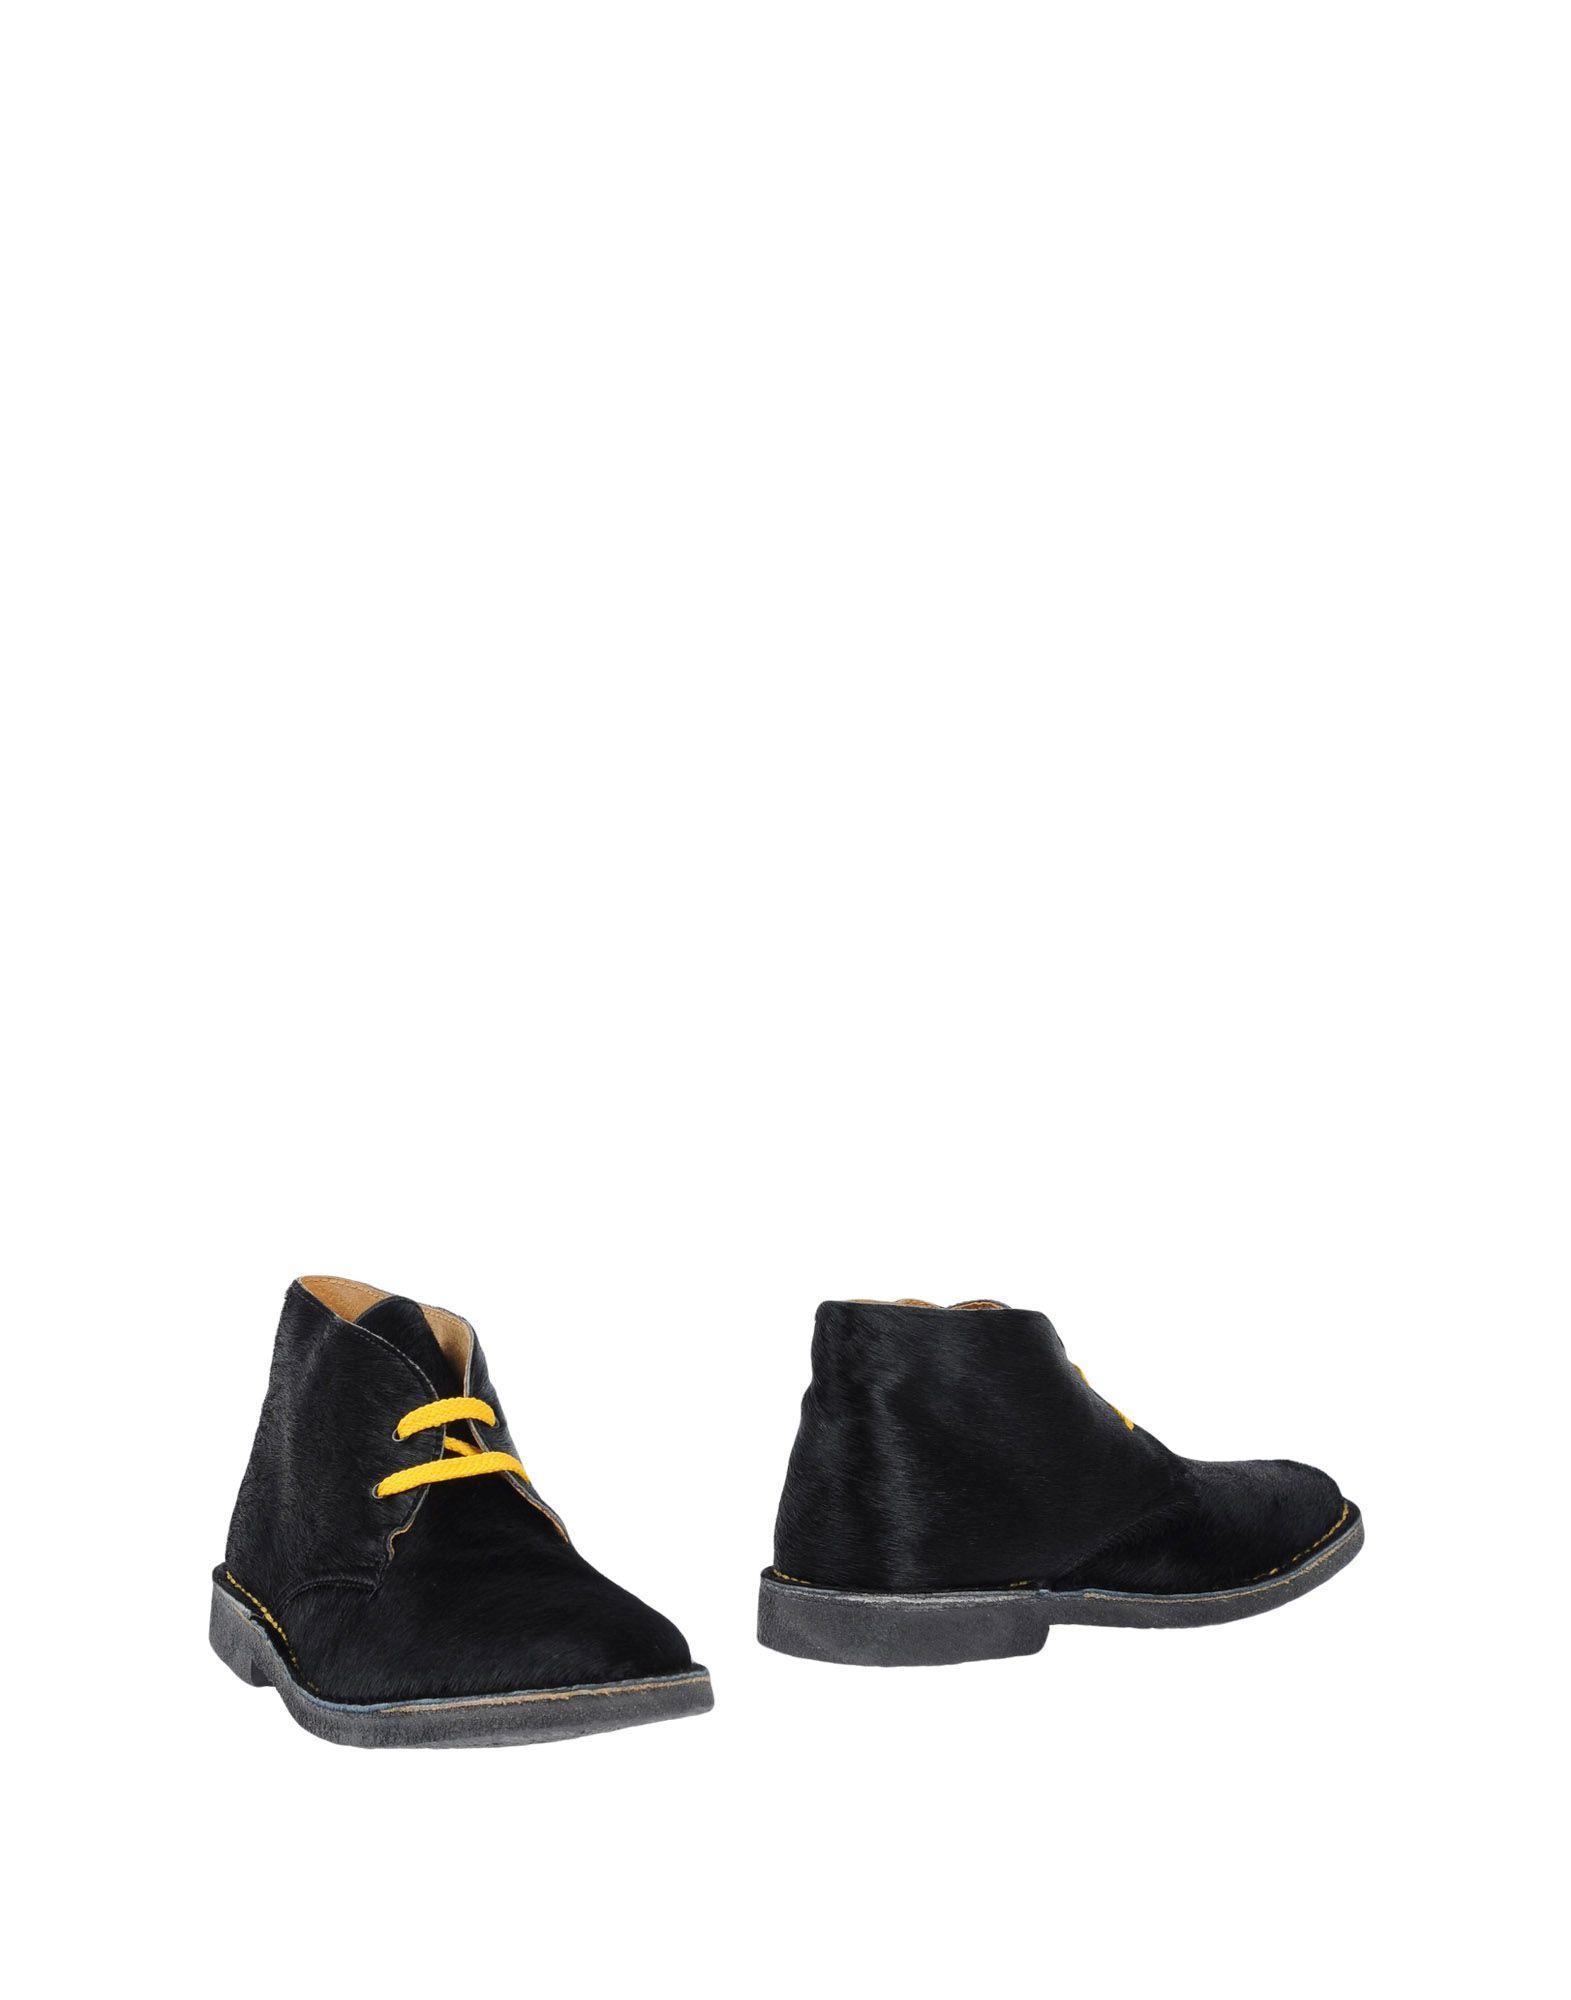 Rabatt echte Schuhe Bruno's Stiefelette Herren  11058913MG